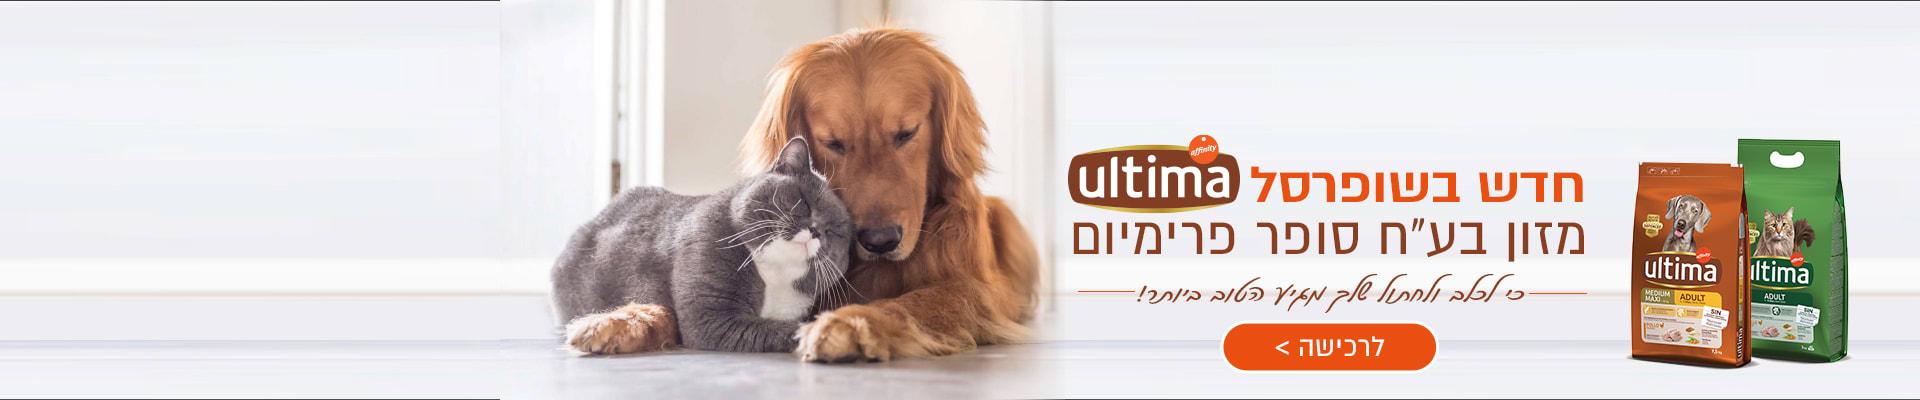 """חדש בשופרסל ULTIMA מזון בע""""ח סופר פרימיום. כי לכלב ולחתול שלך מגיע הטוב ביותר"""